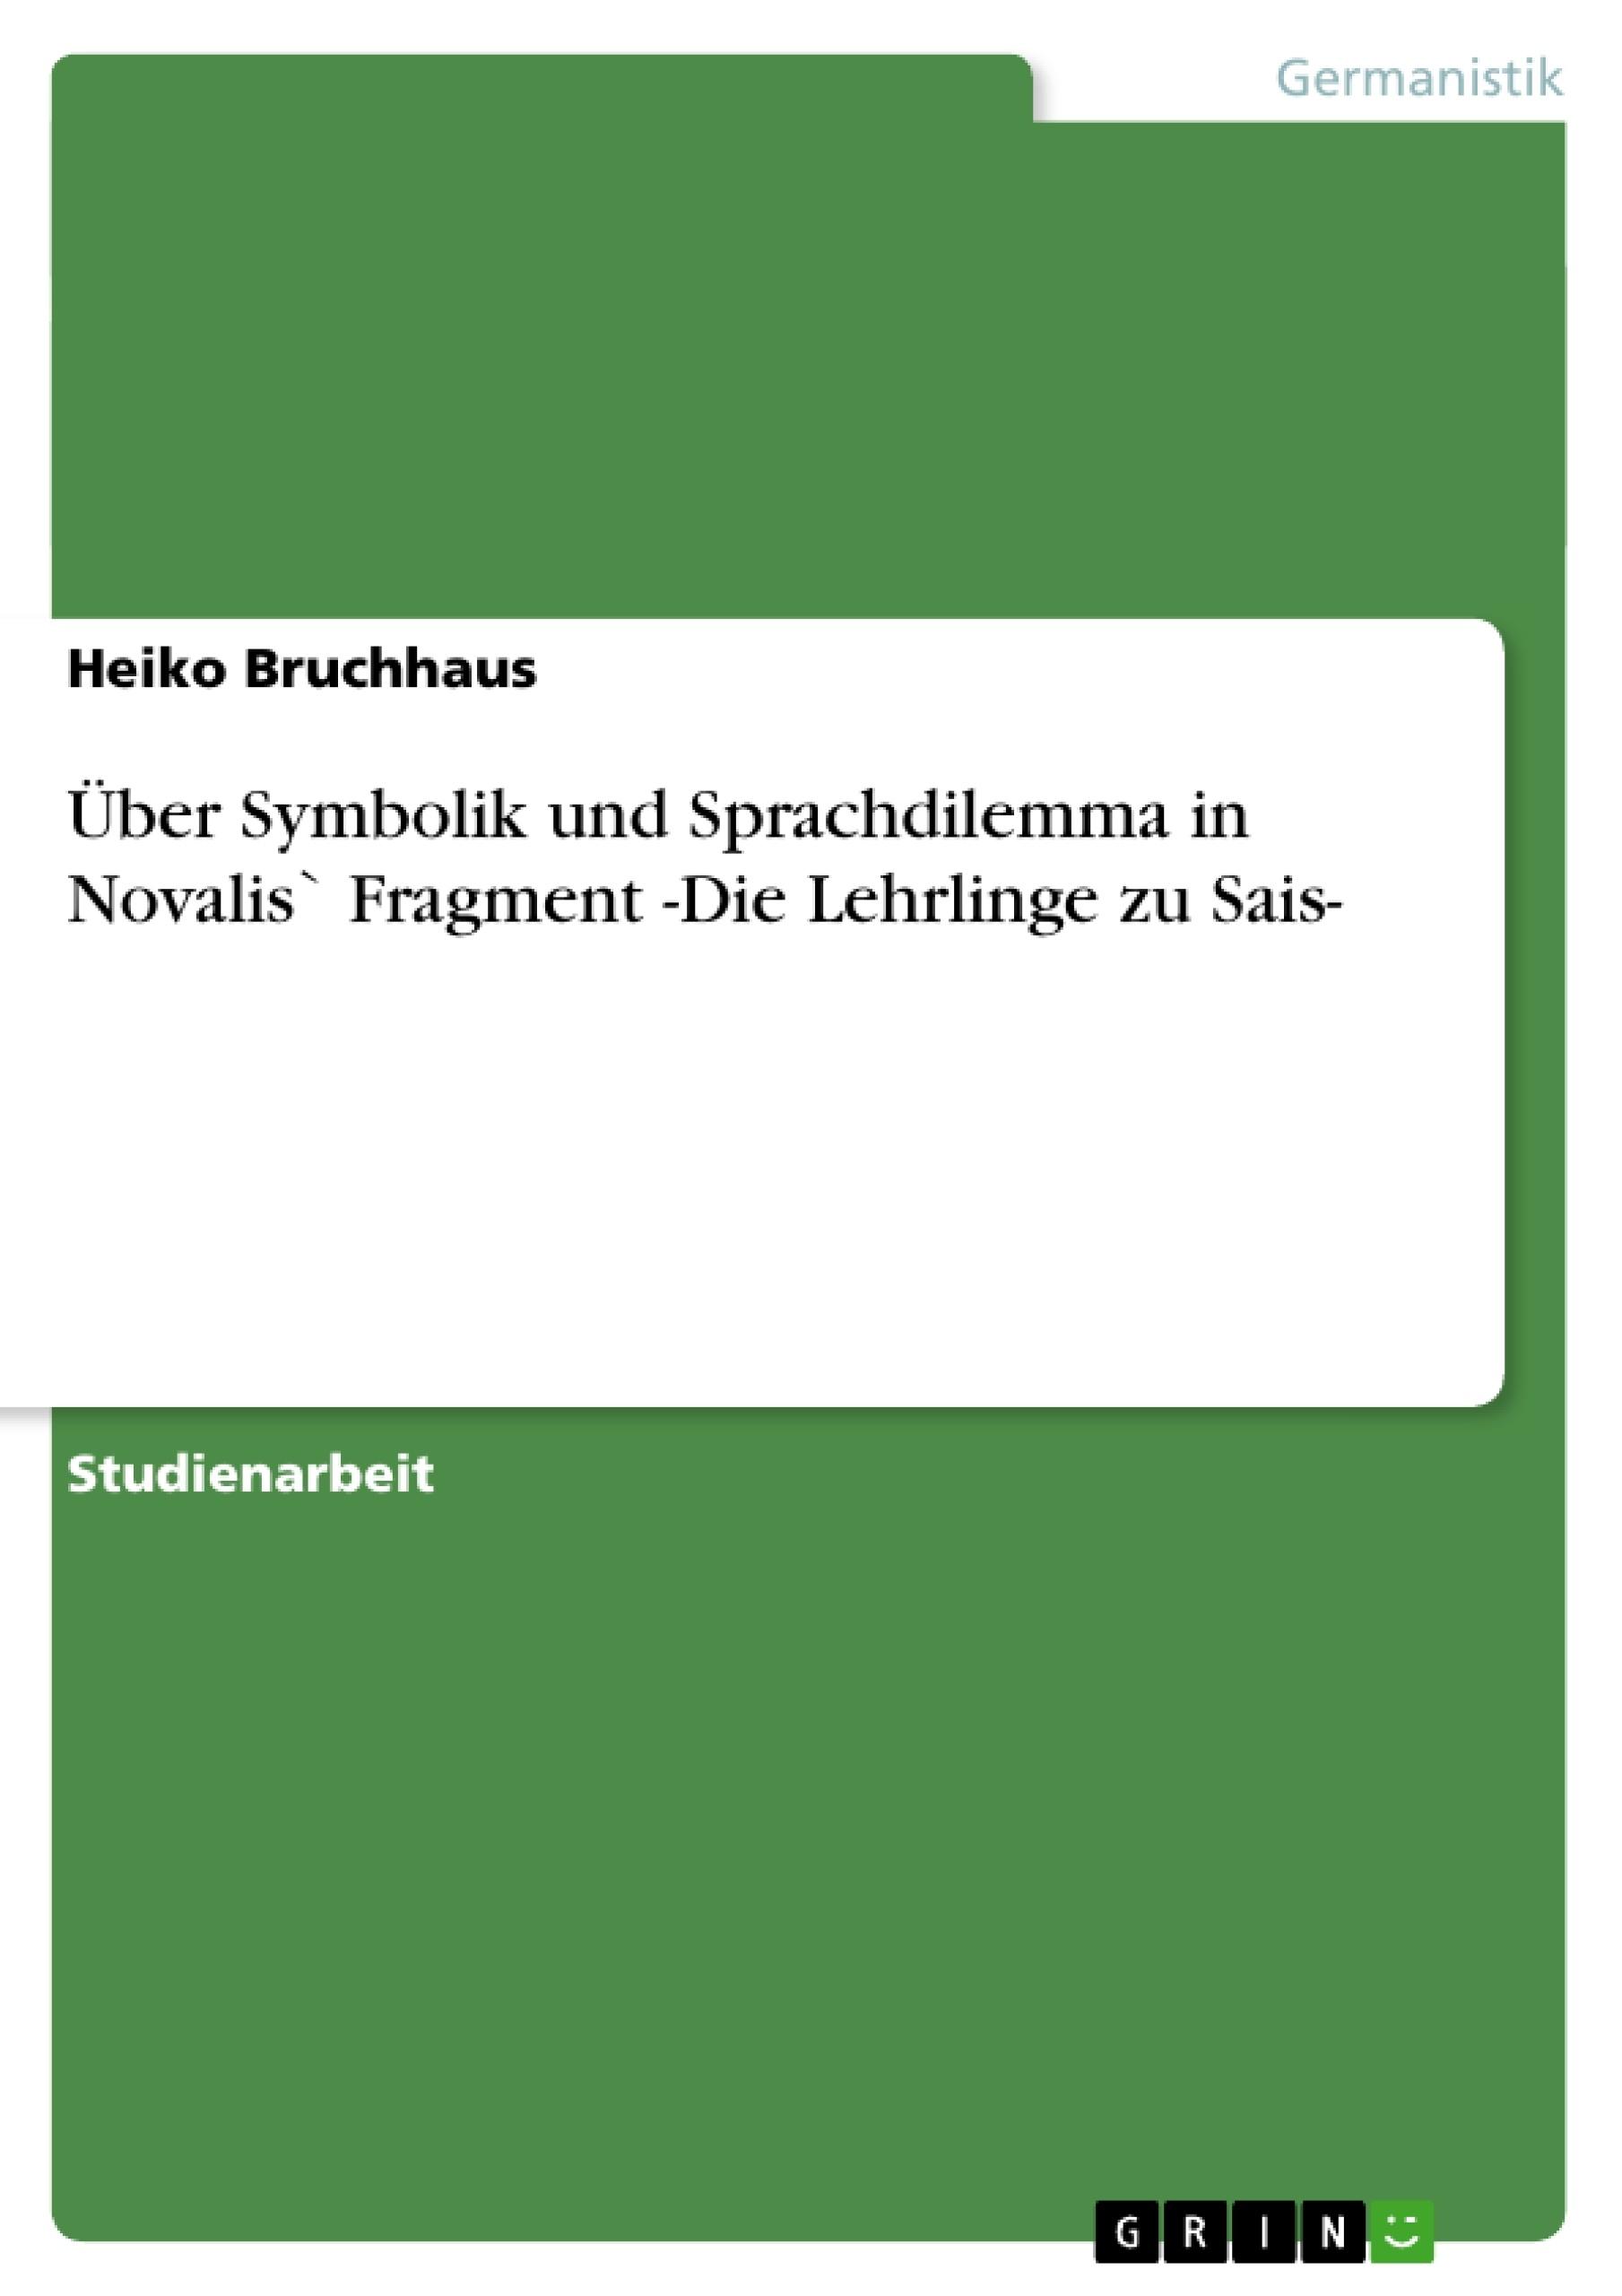 Titel: Über Symbolik und Sprachdilemma in Novalis` Fragment -Die Lehrlinge zu Sais-